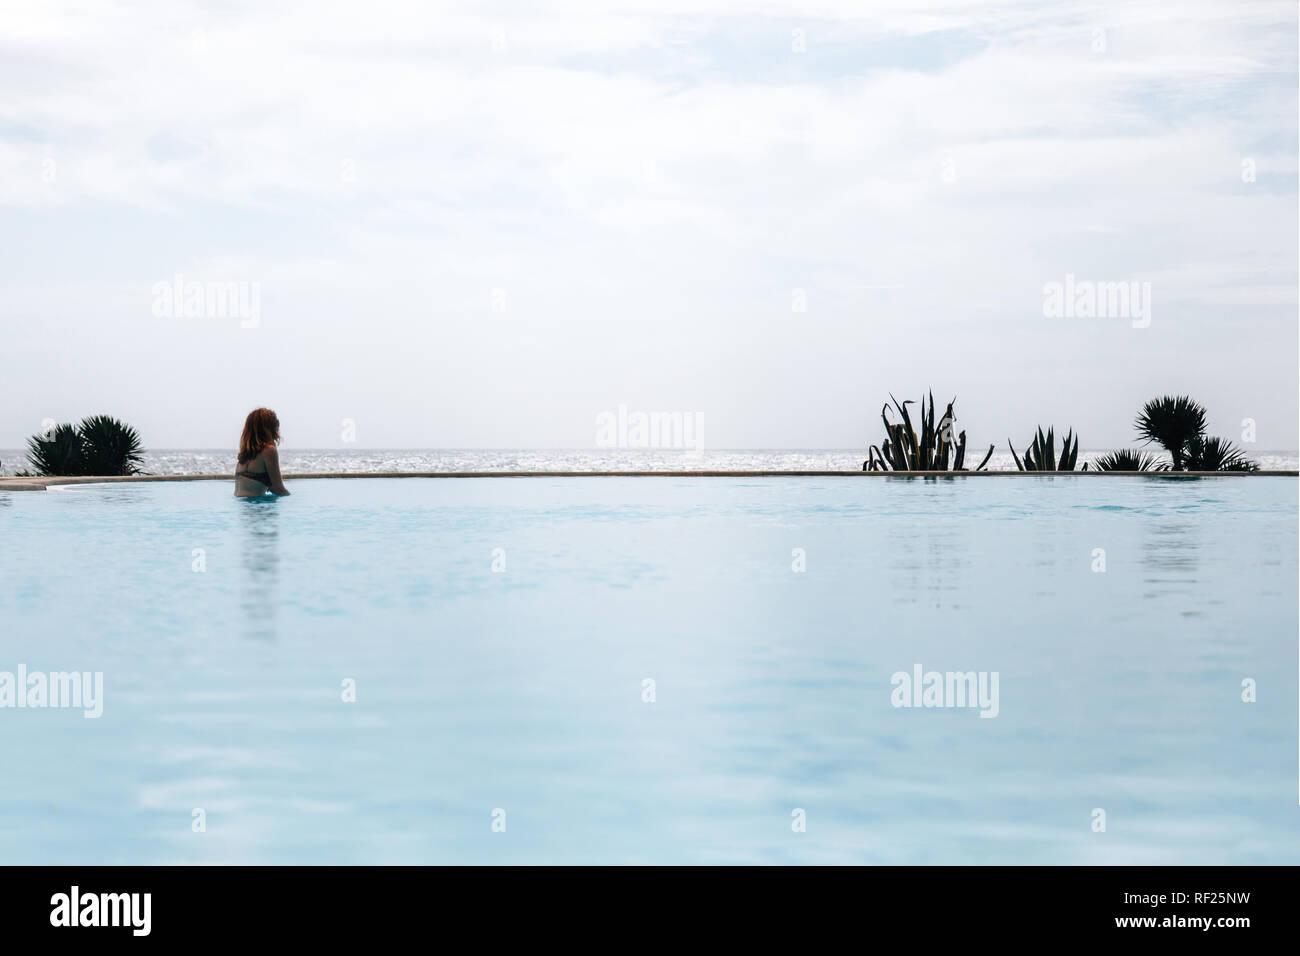 Giovane donna redhead nuoto in una piscina infinity in bikini in prossimità dell'oceano guardando lontano Foto Stock